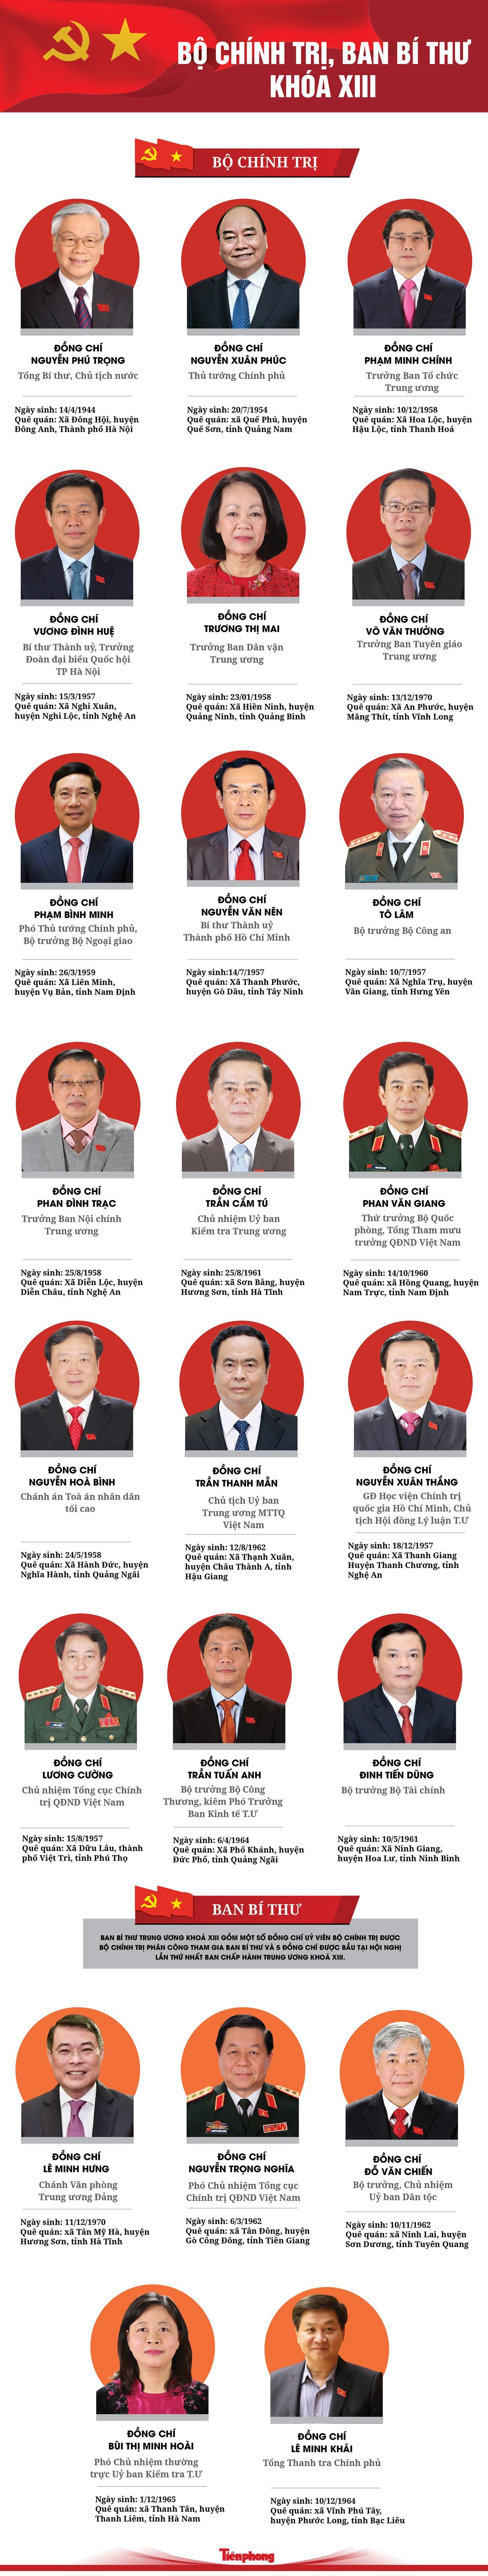 INFOGRAPHIC: Danh sách Ủy viên Bộ Chính trị, Ban Bí thư khóa XIII ảnh 1